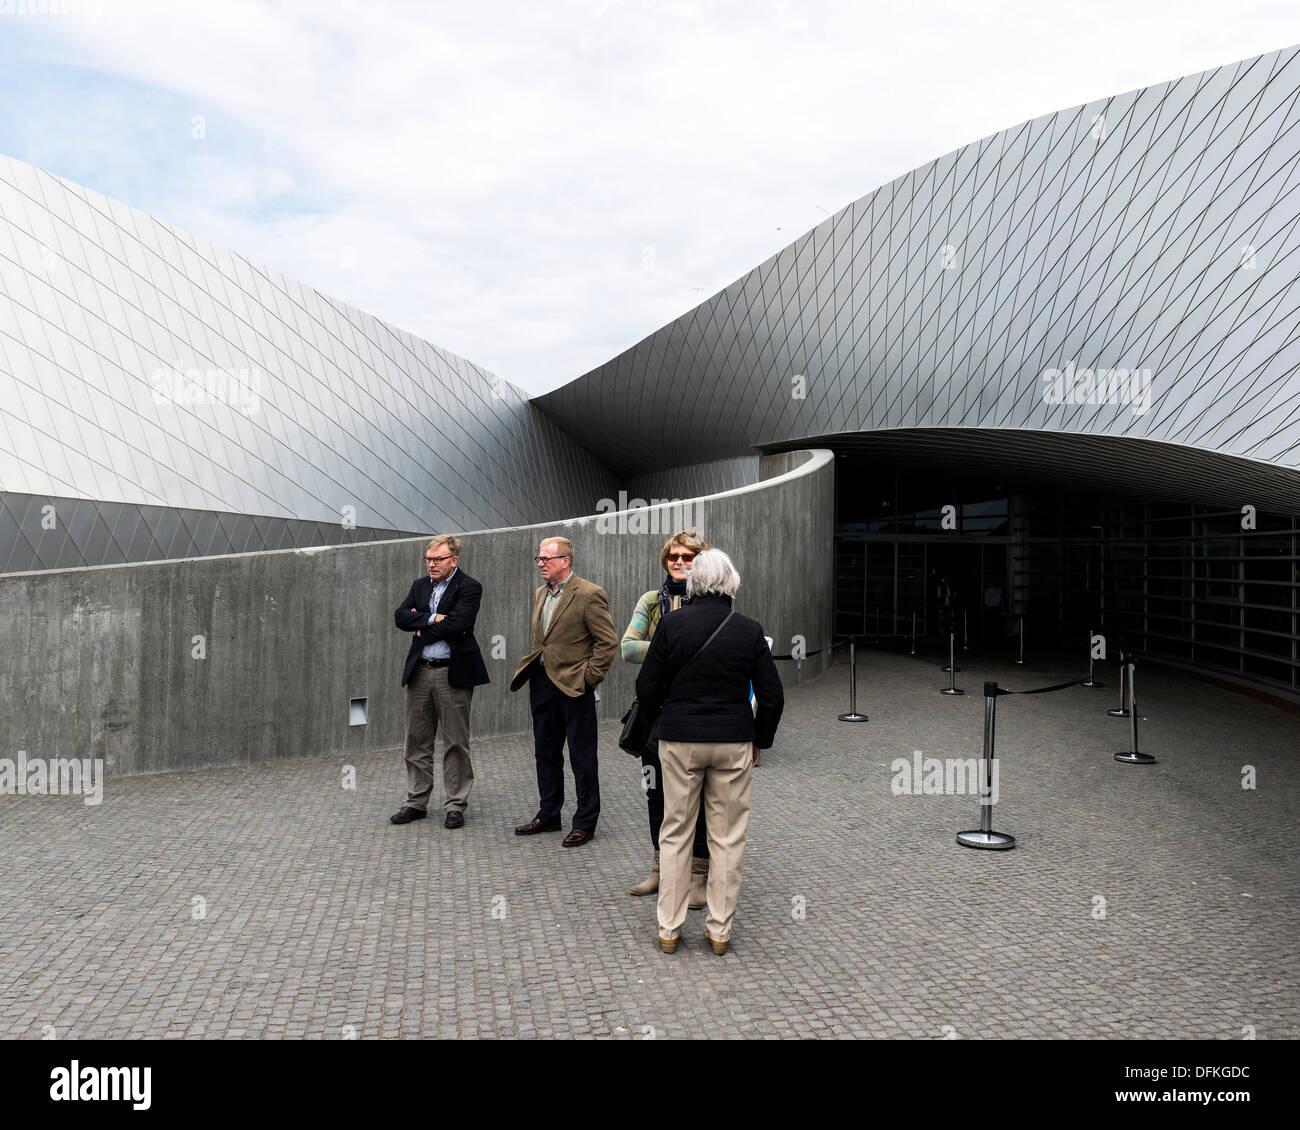 Den Blå Planet (The Blue Planet, Denmarks National Aquarium), Copenhagen, Denmark. Architect: 3XN, 2013. Entrance Stock Photo